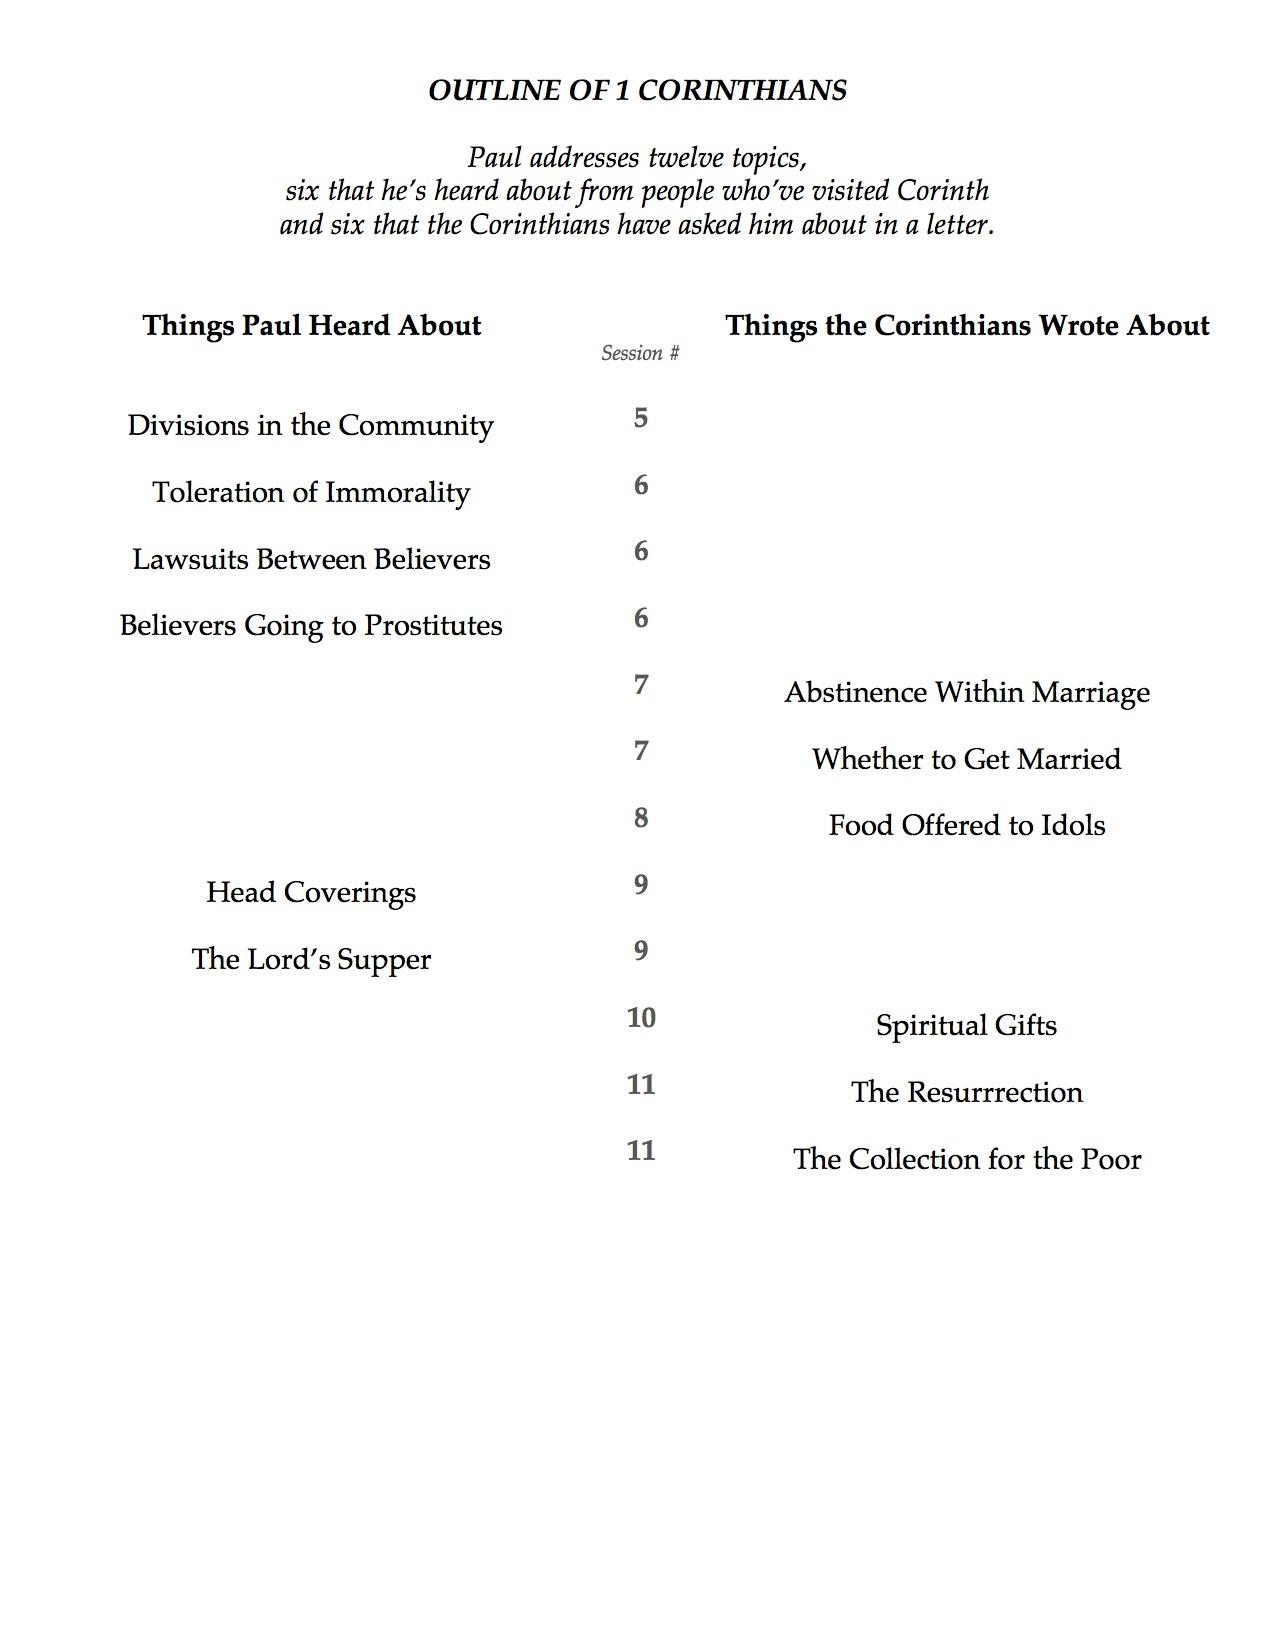 1 corinthians study guide pdf